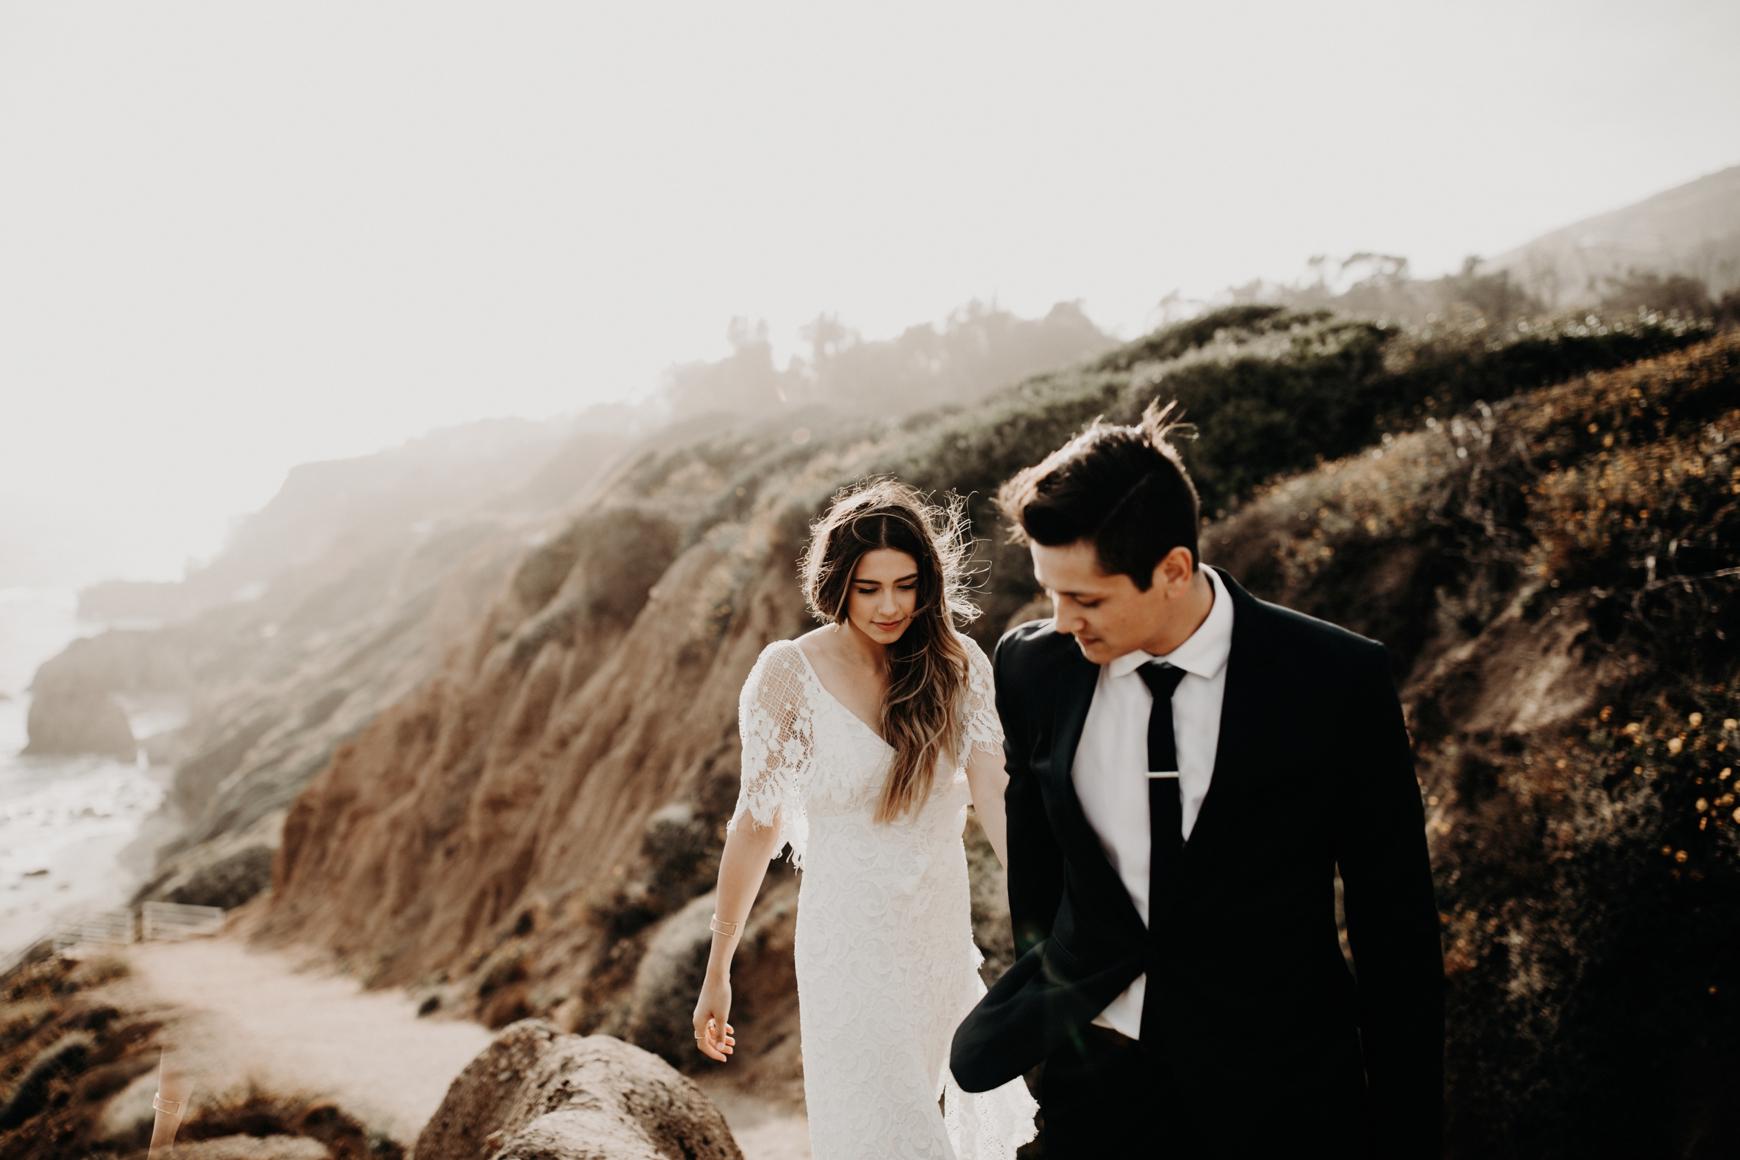 El Matador Beach Bridal Portraits Justellen & TJ Emily Magers Photography-46Emily Magers Photography.jpg